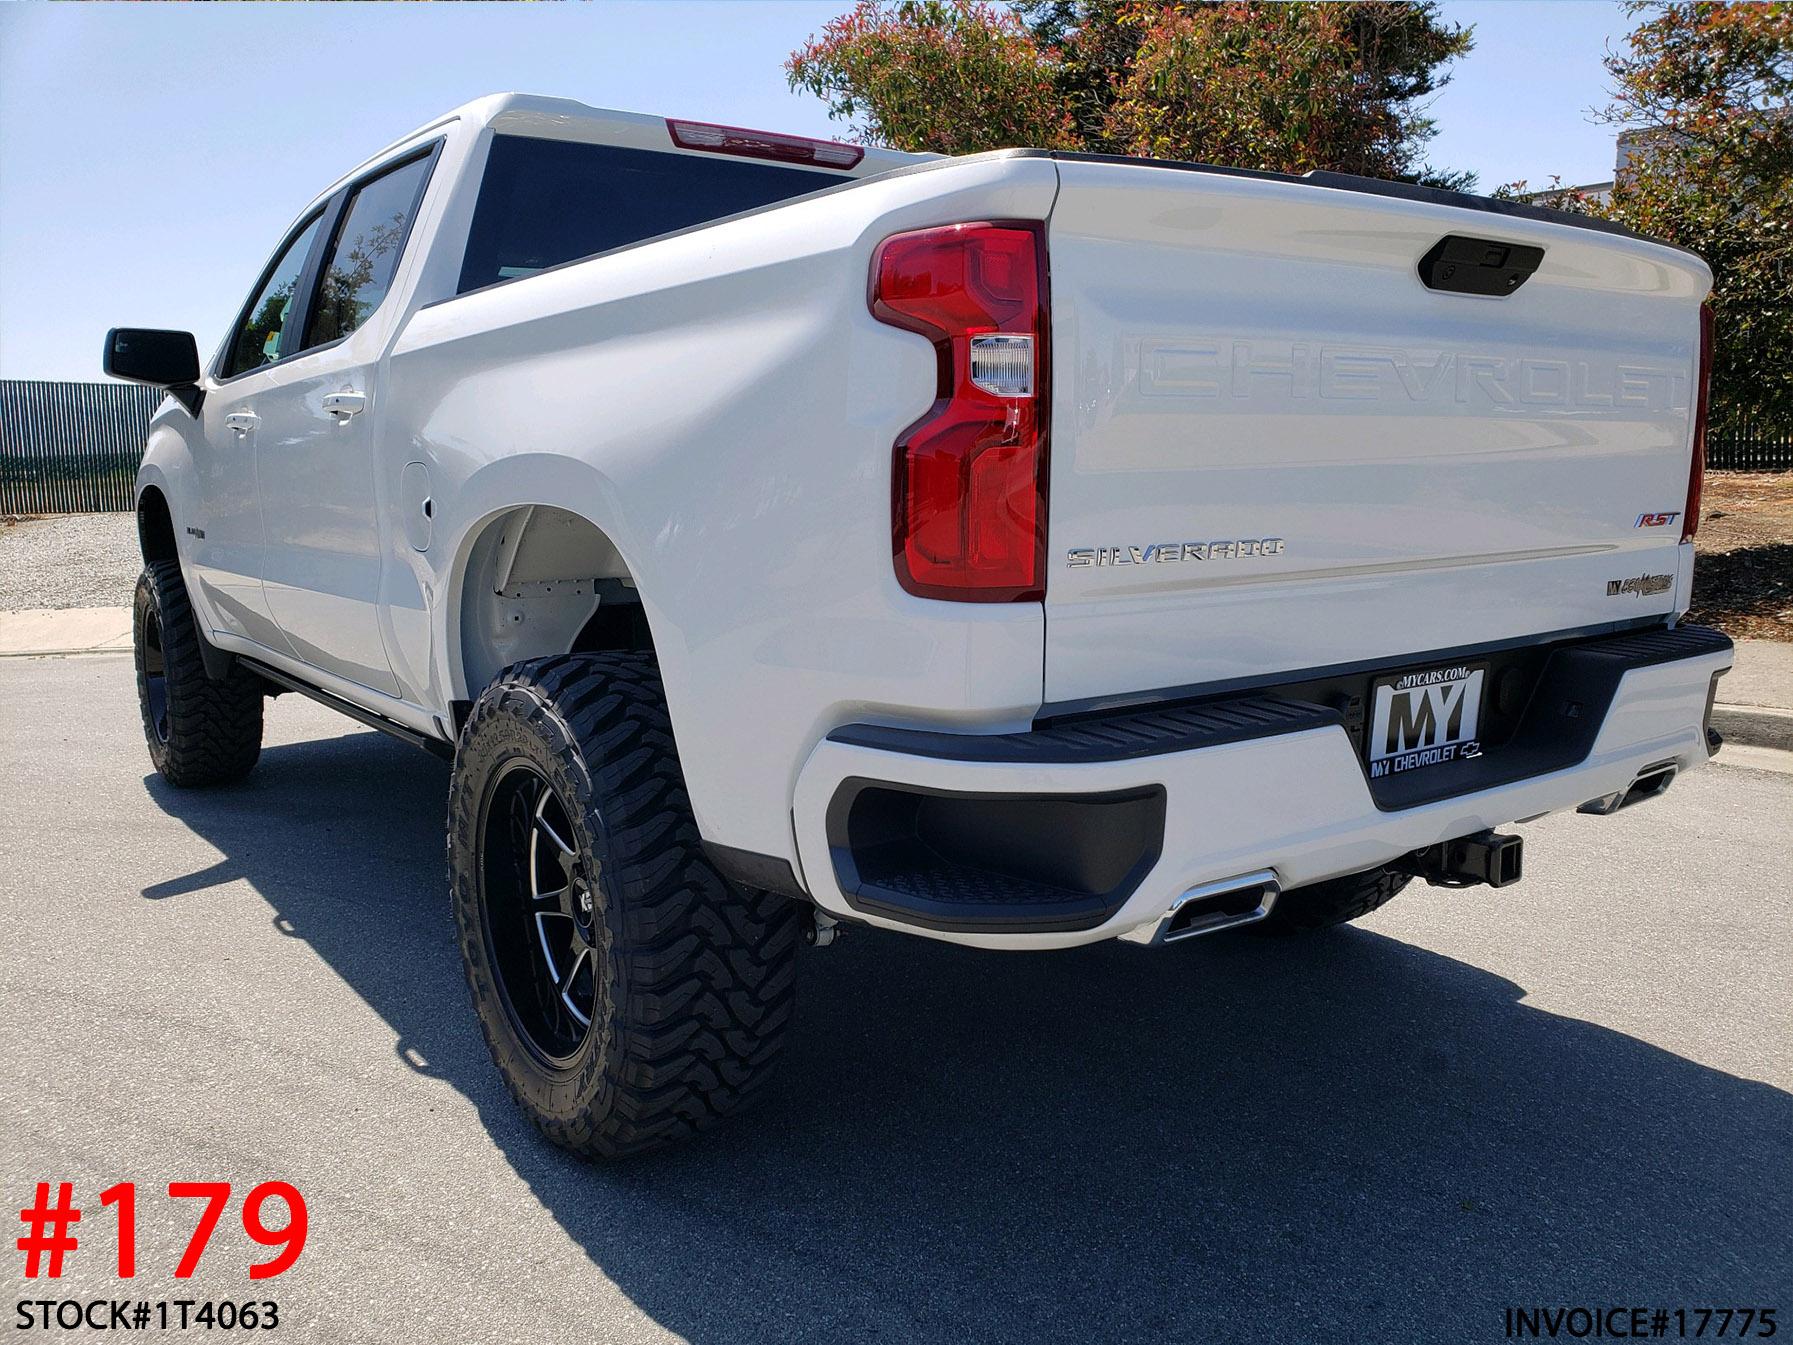 2019 CHEVY 1500 CREW CAB #1T4063